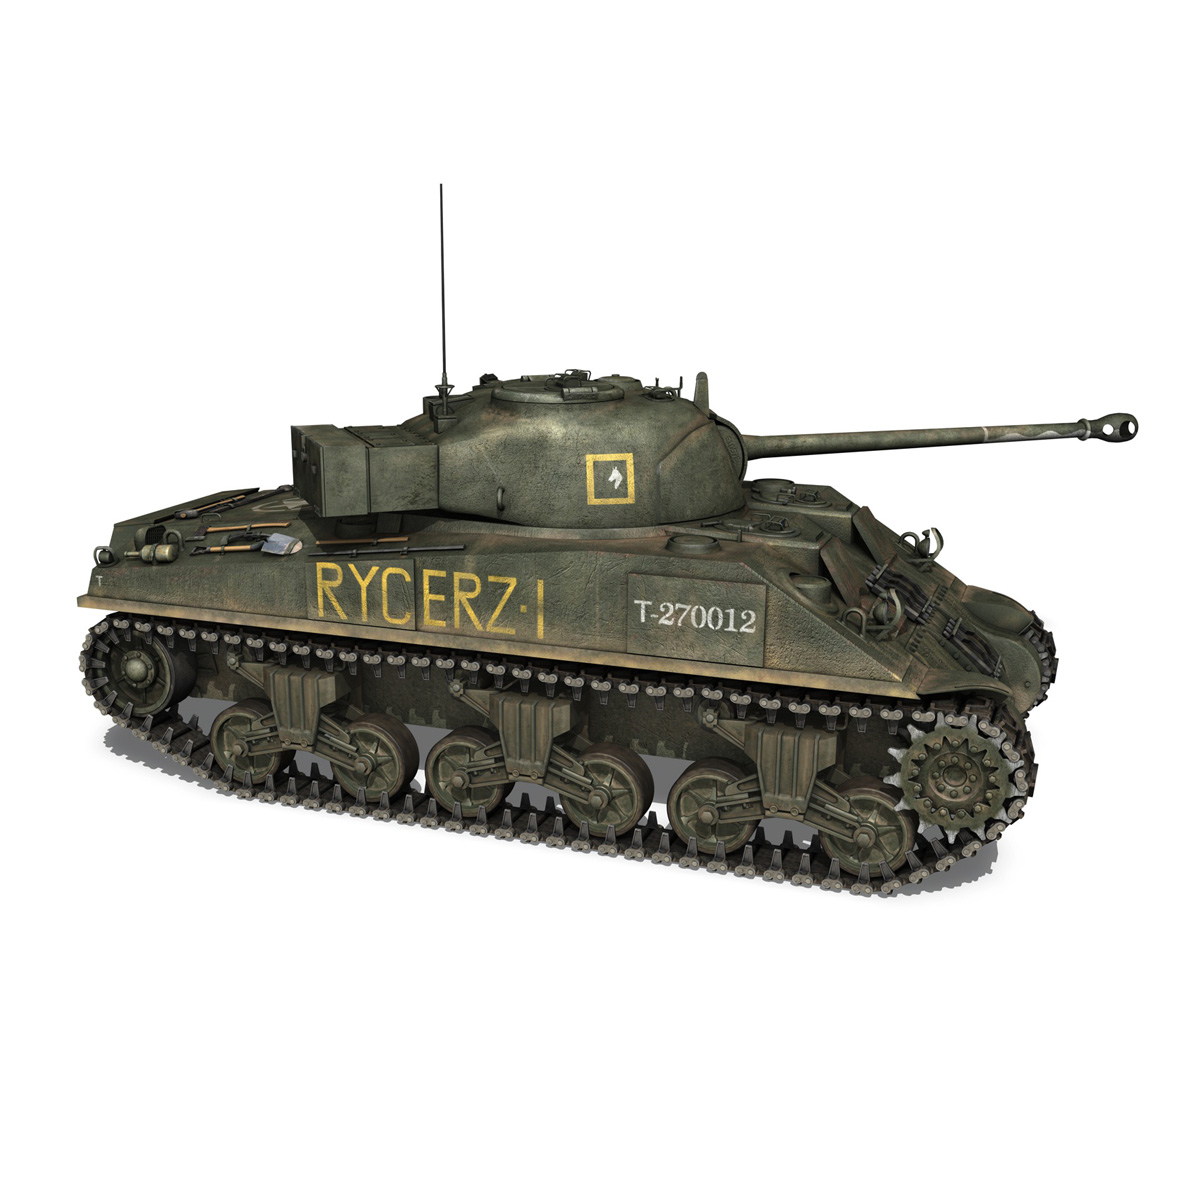 sherman mk vc firefly – rycerz i 3d model 3ds fbx c4d lwo obj 273075